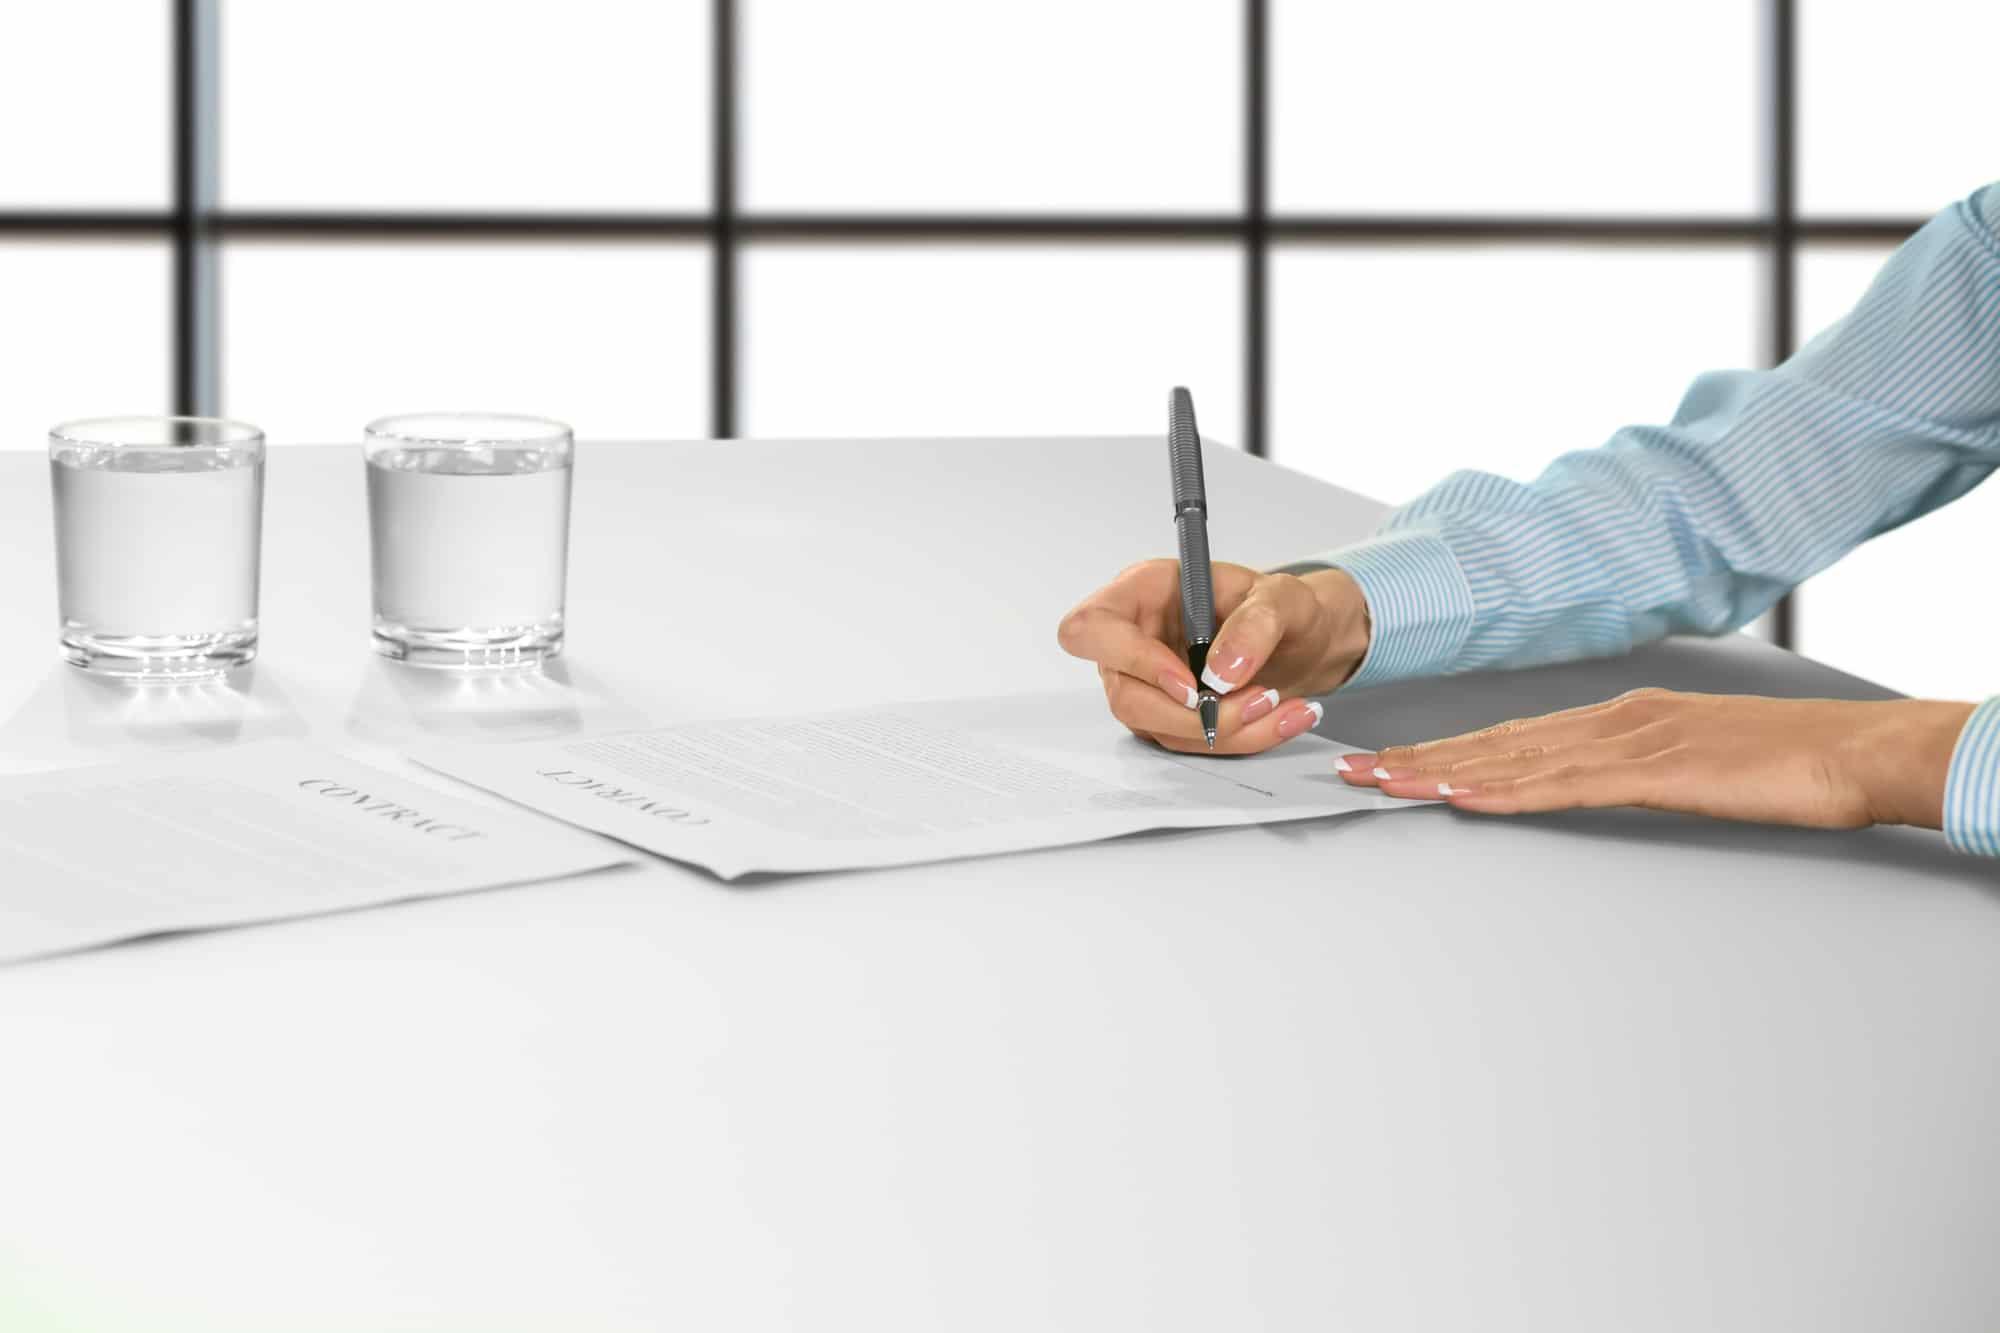 Как составить гарантийное письмо по оплате задолженности и какие гарантии оно дает?